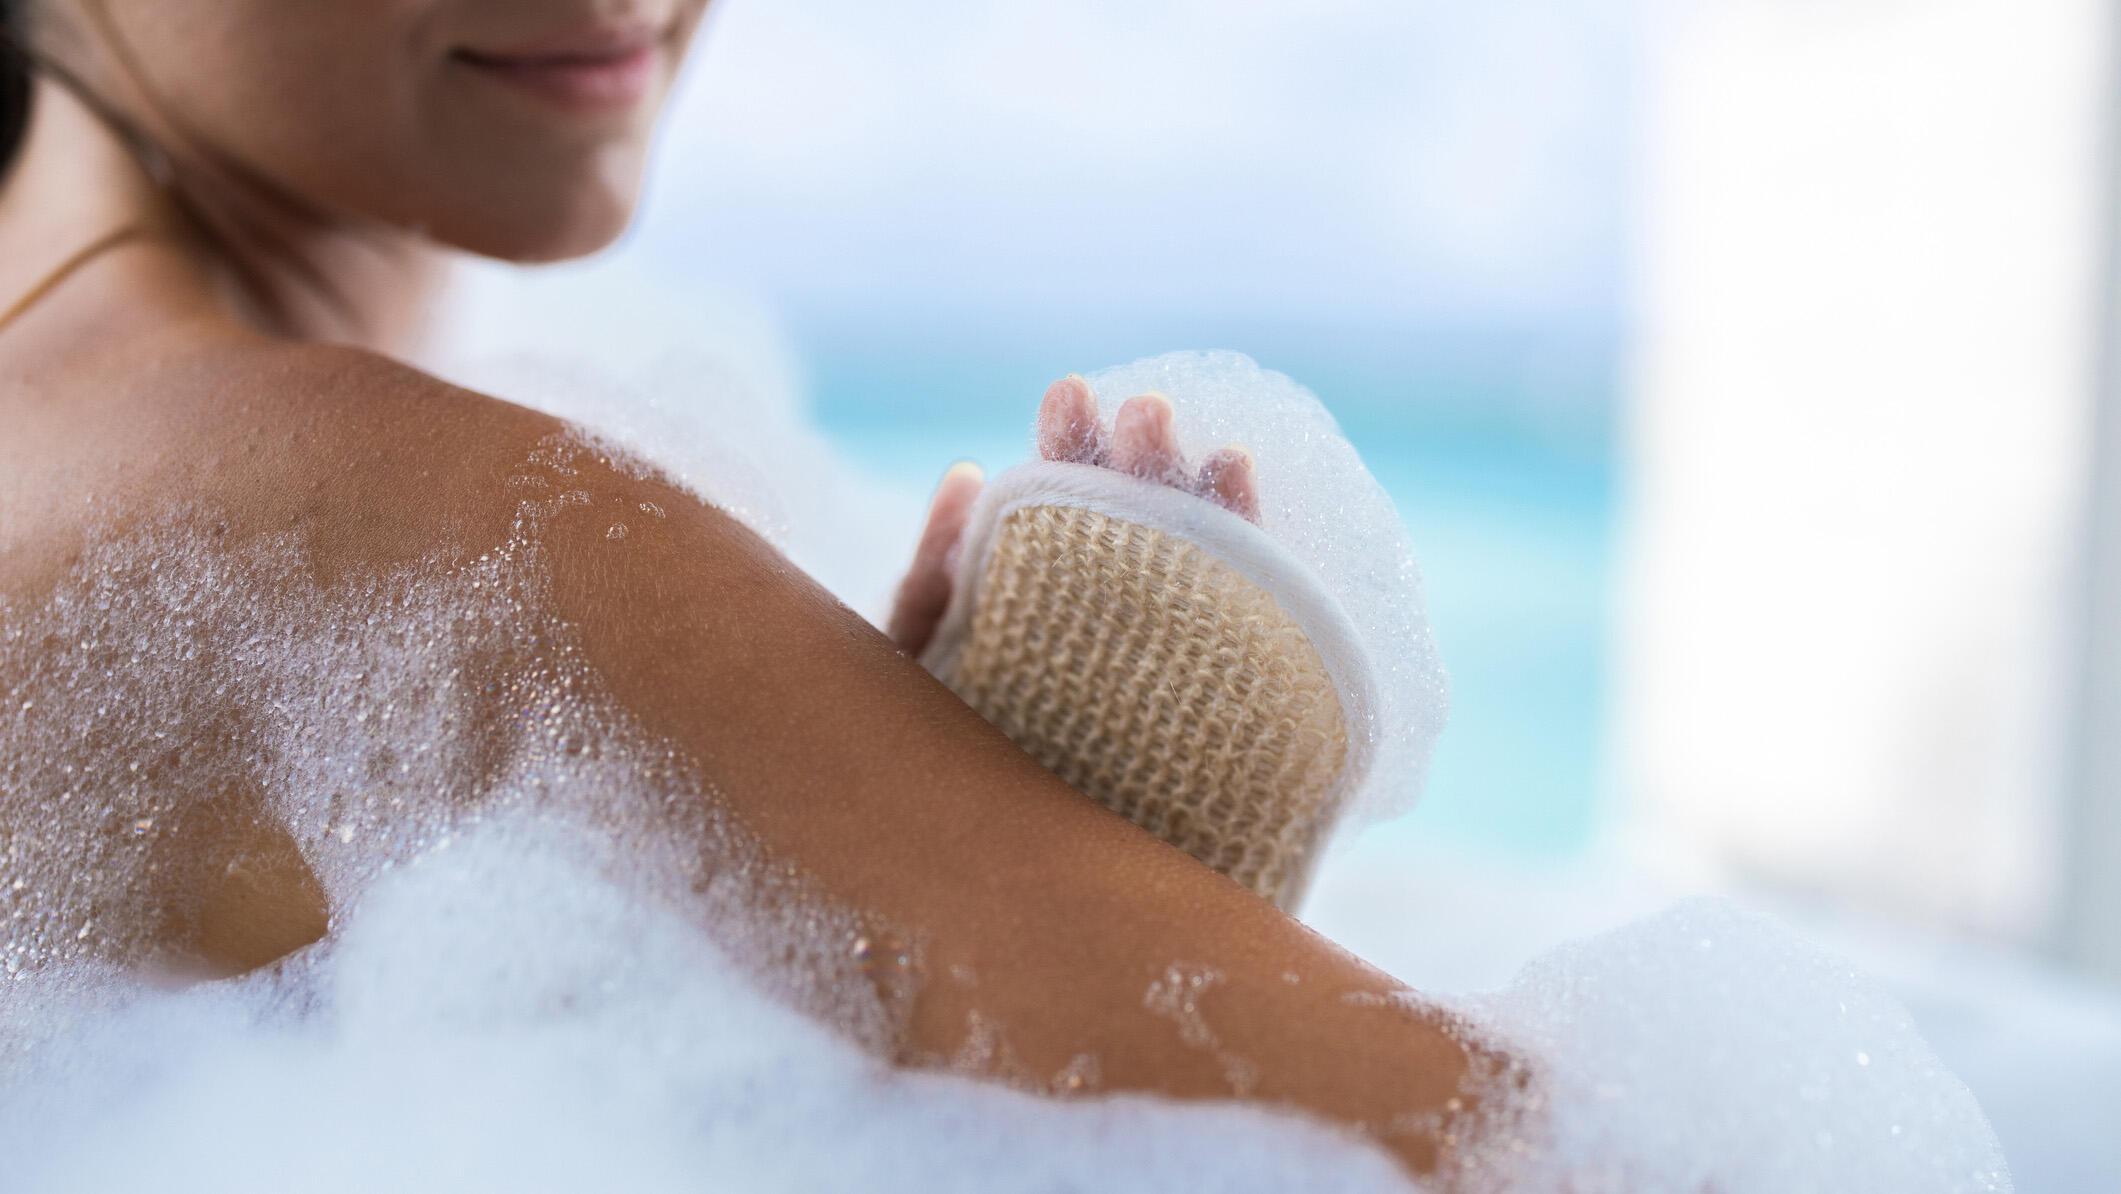 Banyo yaparken vücudumuzda temizlemeyi unuttuğumuz 6 bölge